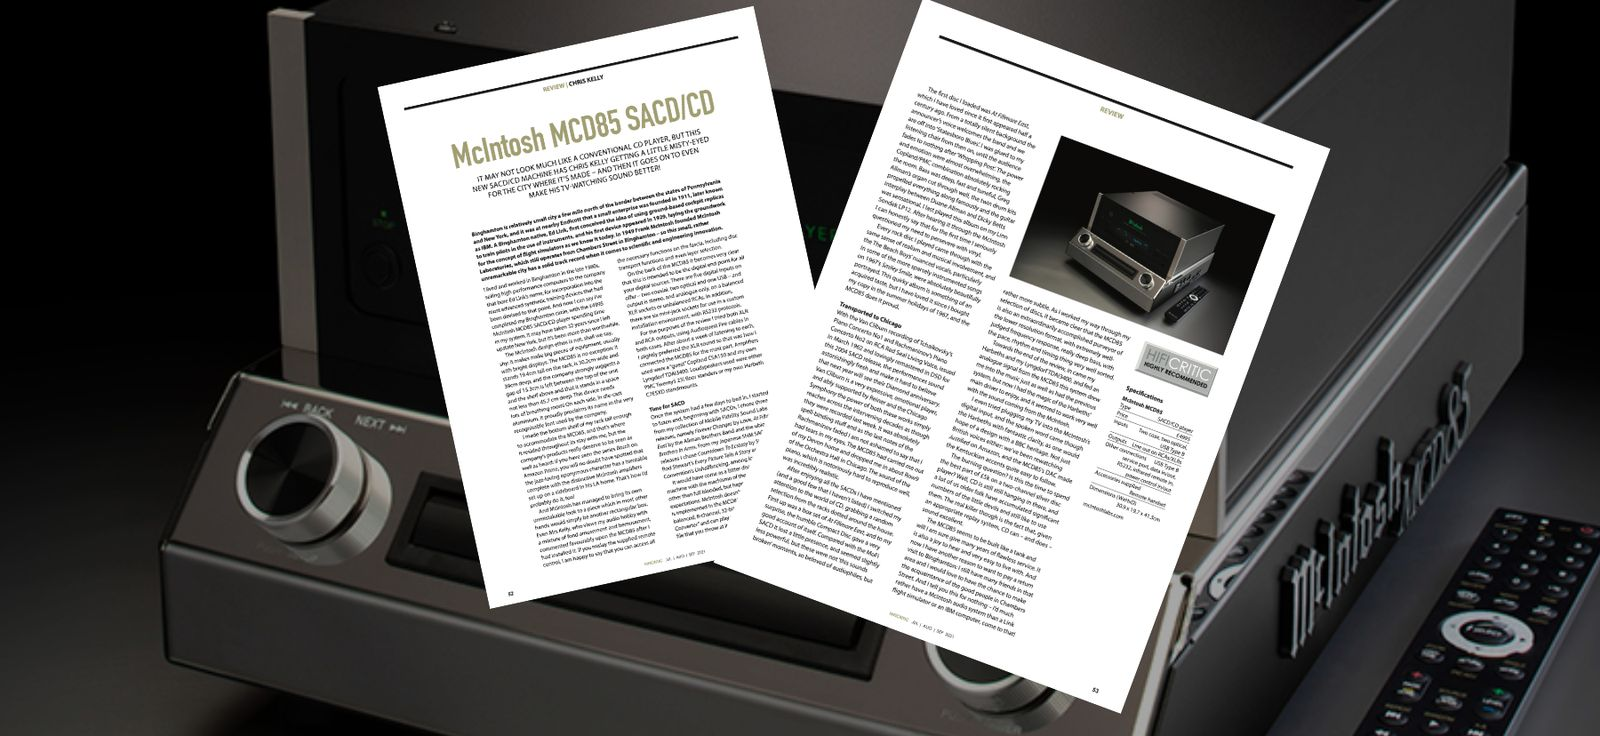 HIFICRITIC reviews the new McIntosh MCD85 SACD/CD player